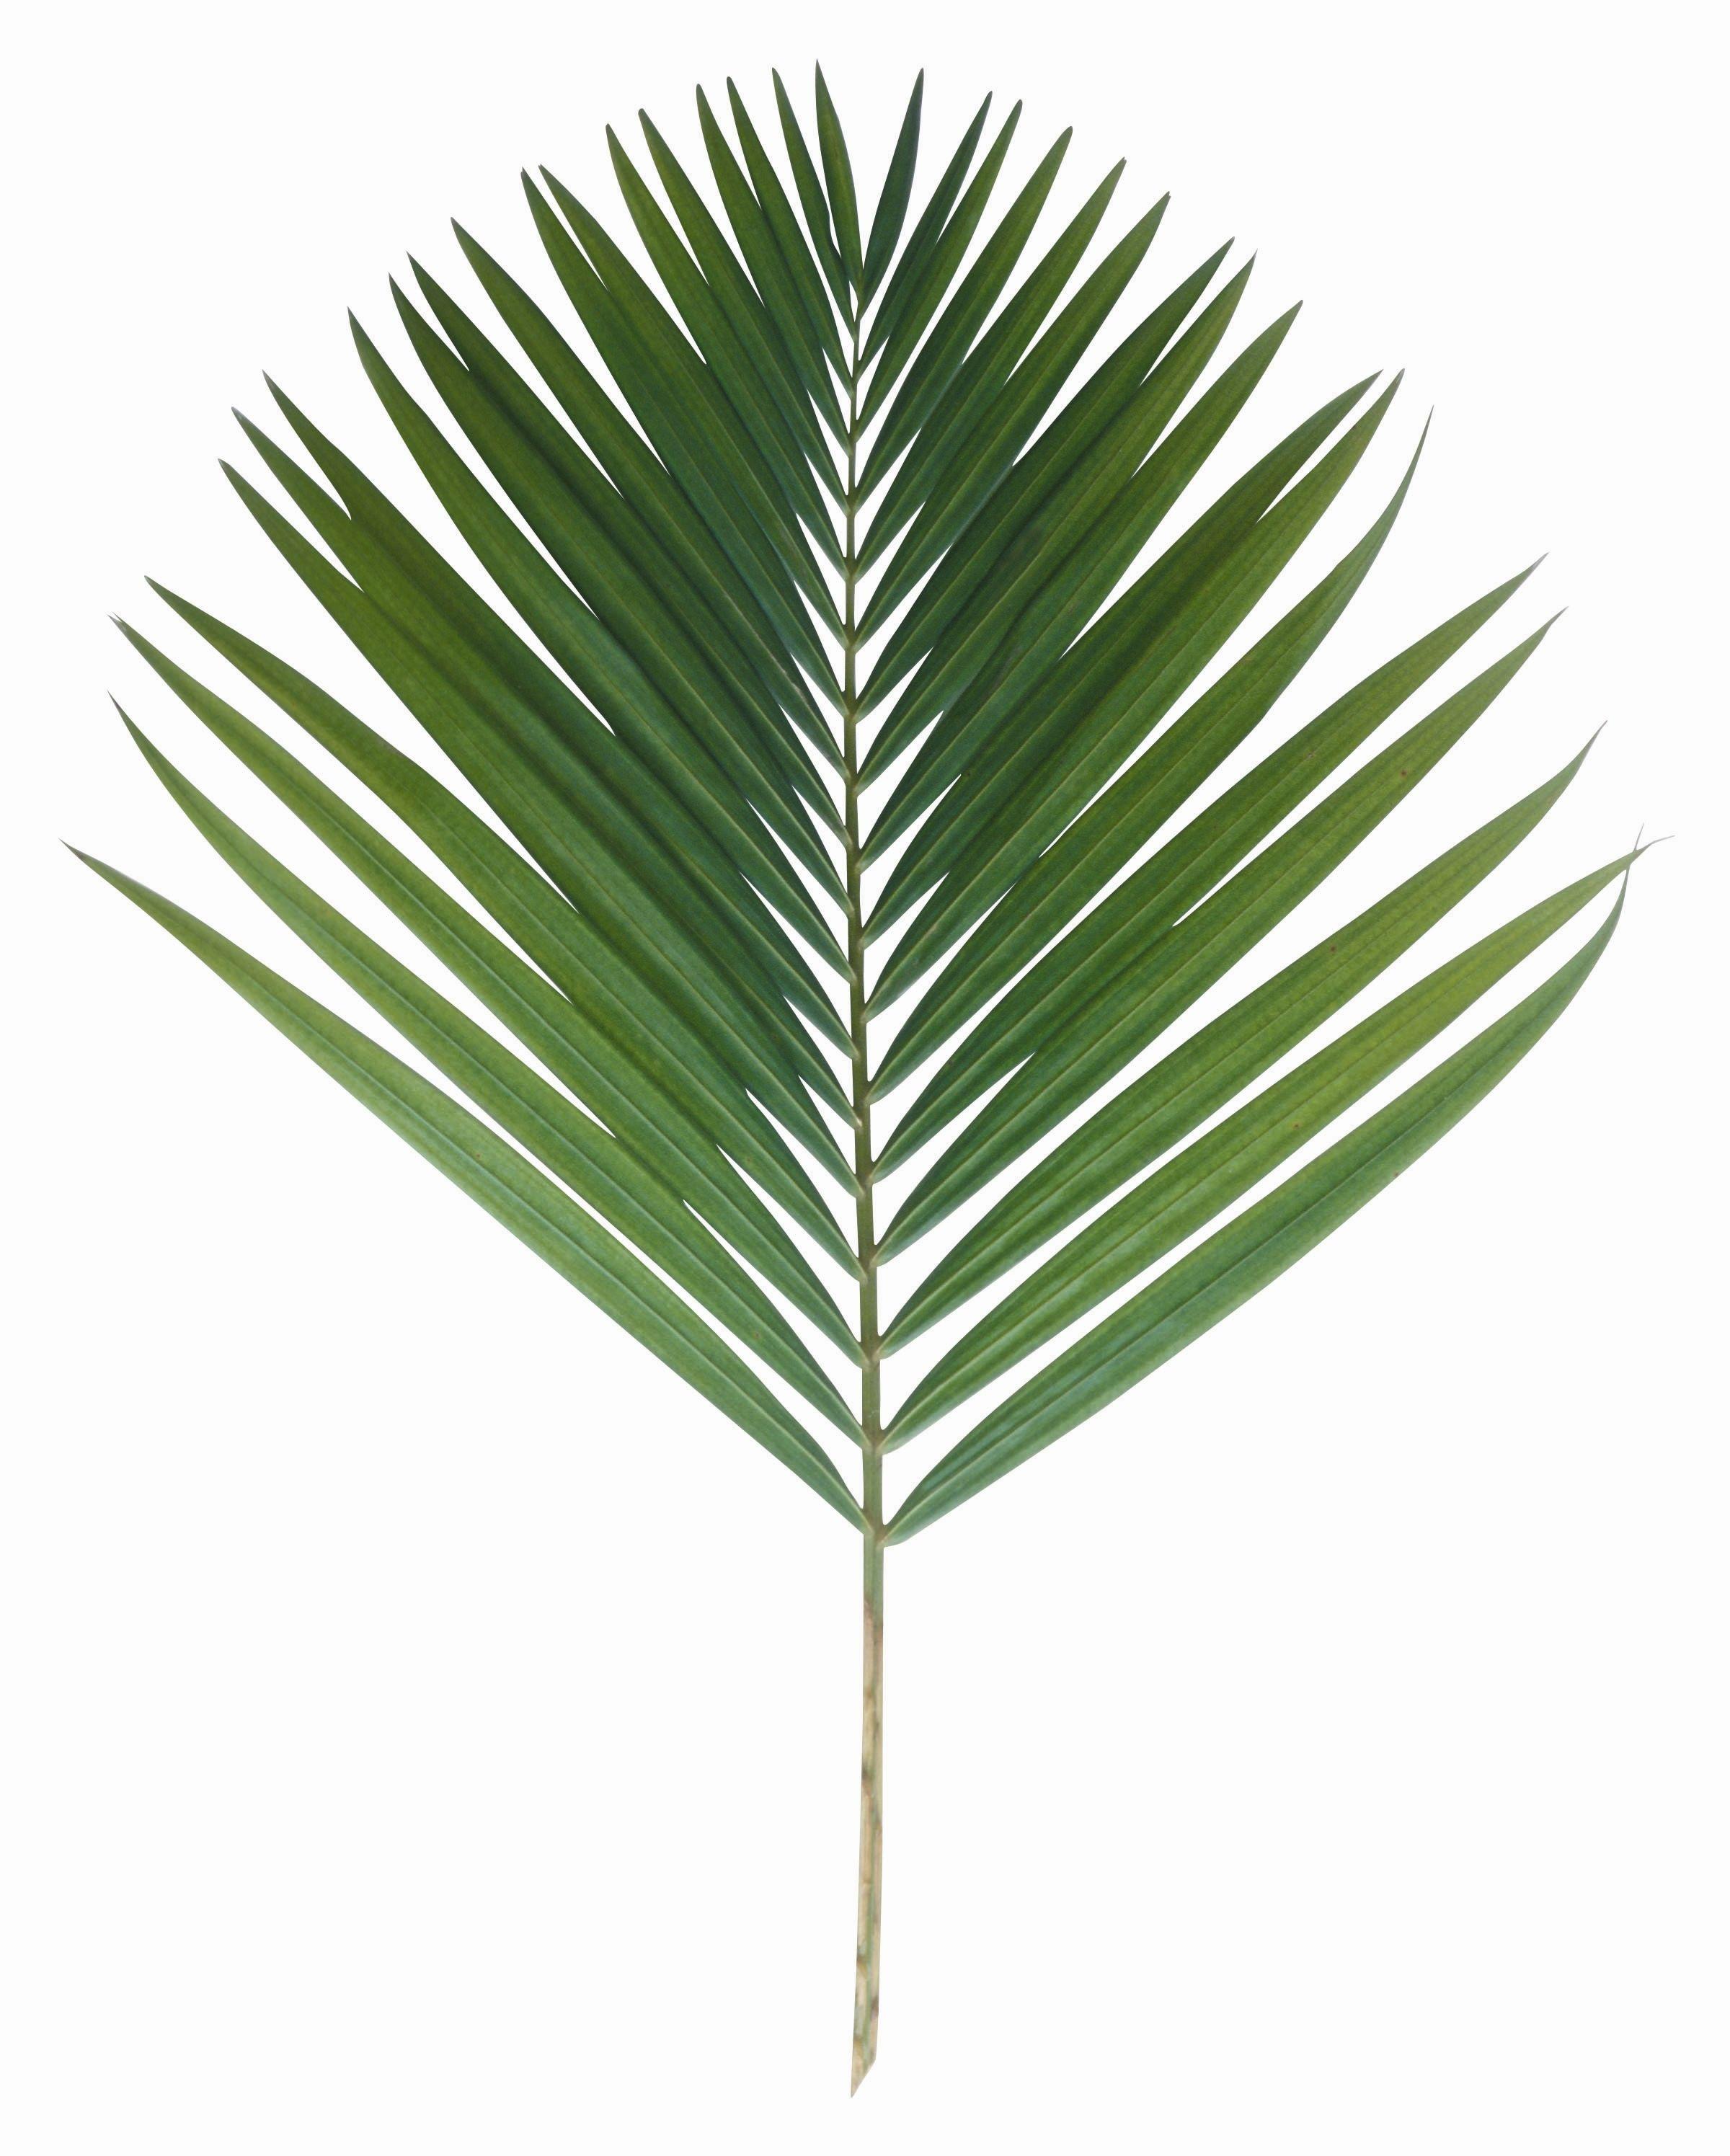 пальмовый листок картинка икра